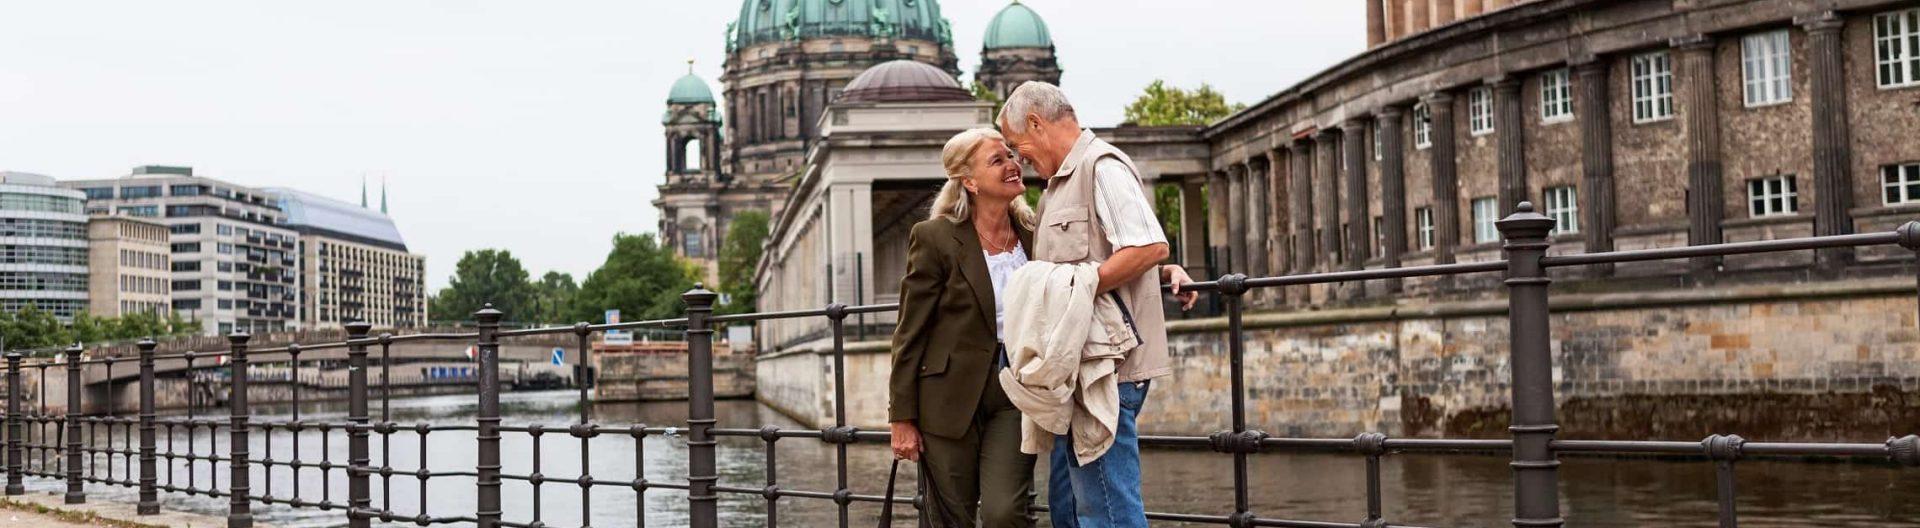 Rakastunut-pariskunta-Berliinissä-henkilöt-1920x528.jpeg